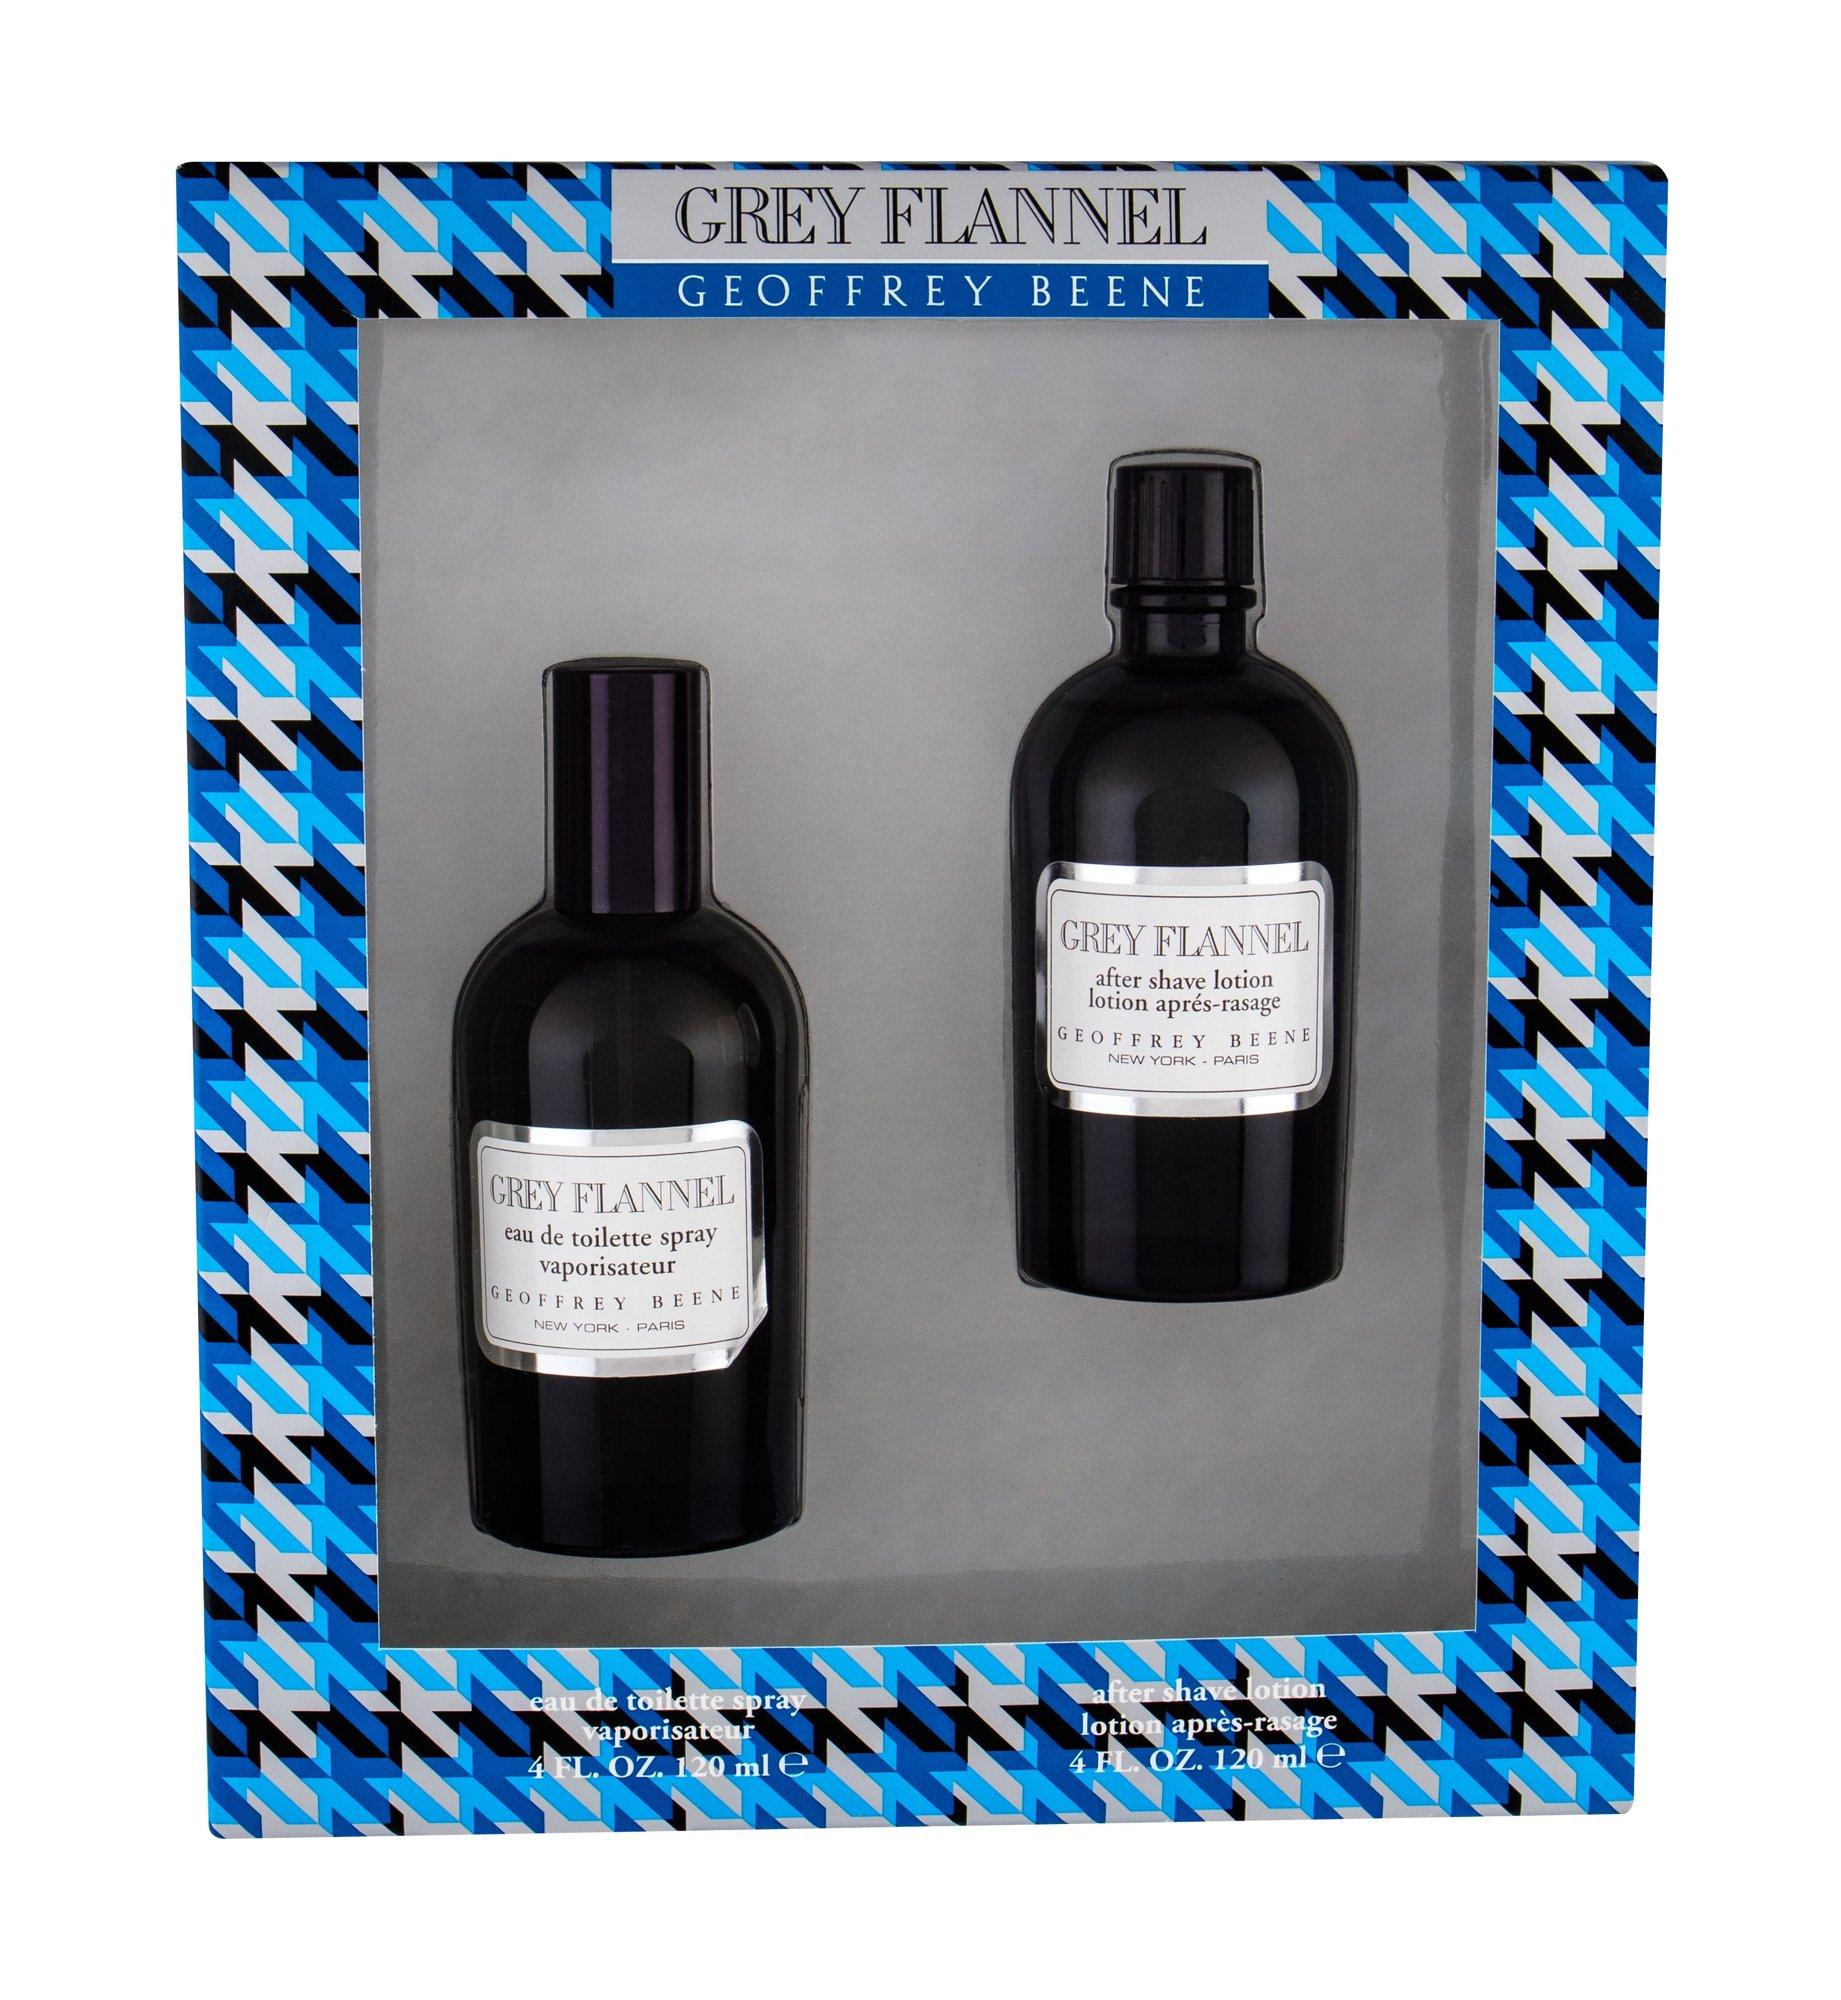 Geoffrey Beene Grey Flannel Eau de Toilette 120ml